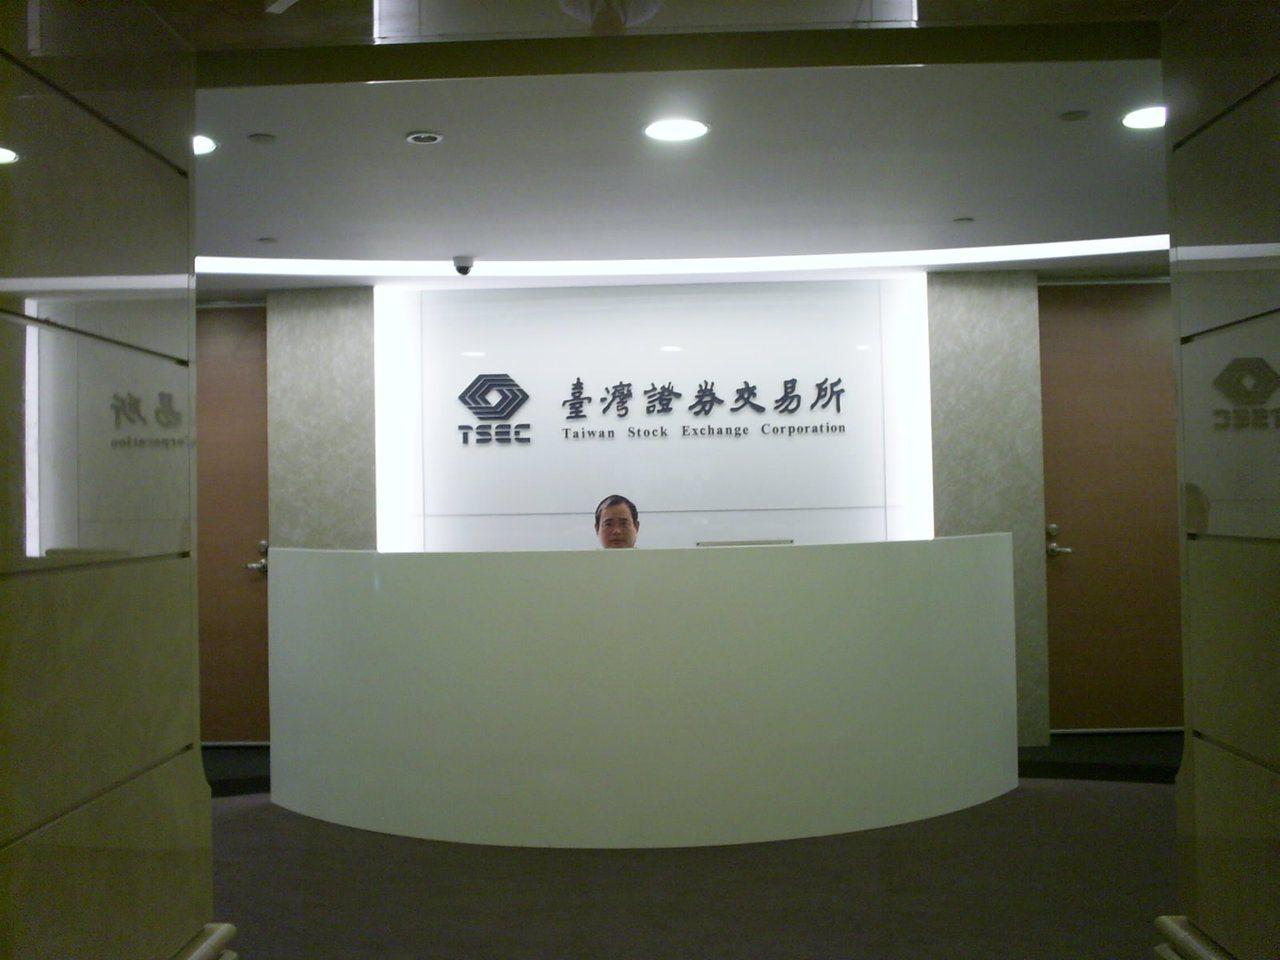 台灣證券交易所正式公告「108年度(第六屆)公司治理評鑑指標」。 聯合報系資料照